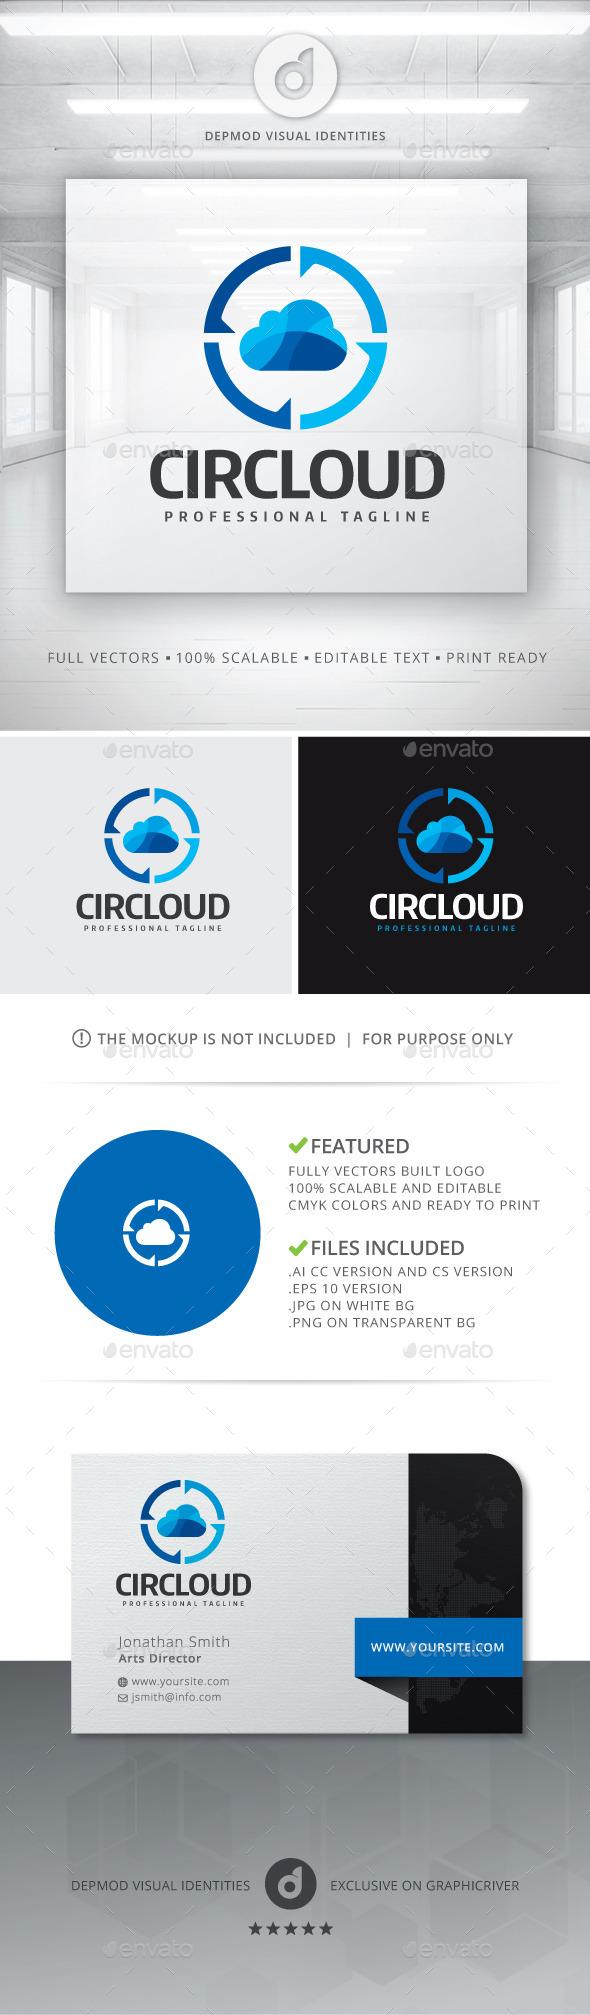 GraphicRiver Circloud Logo 11778897